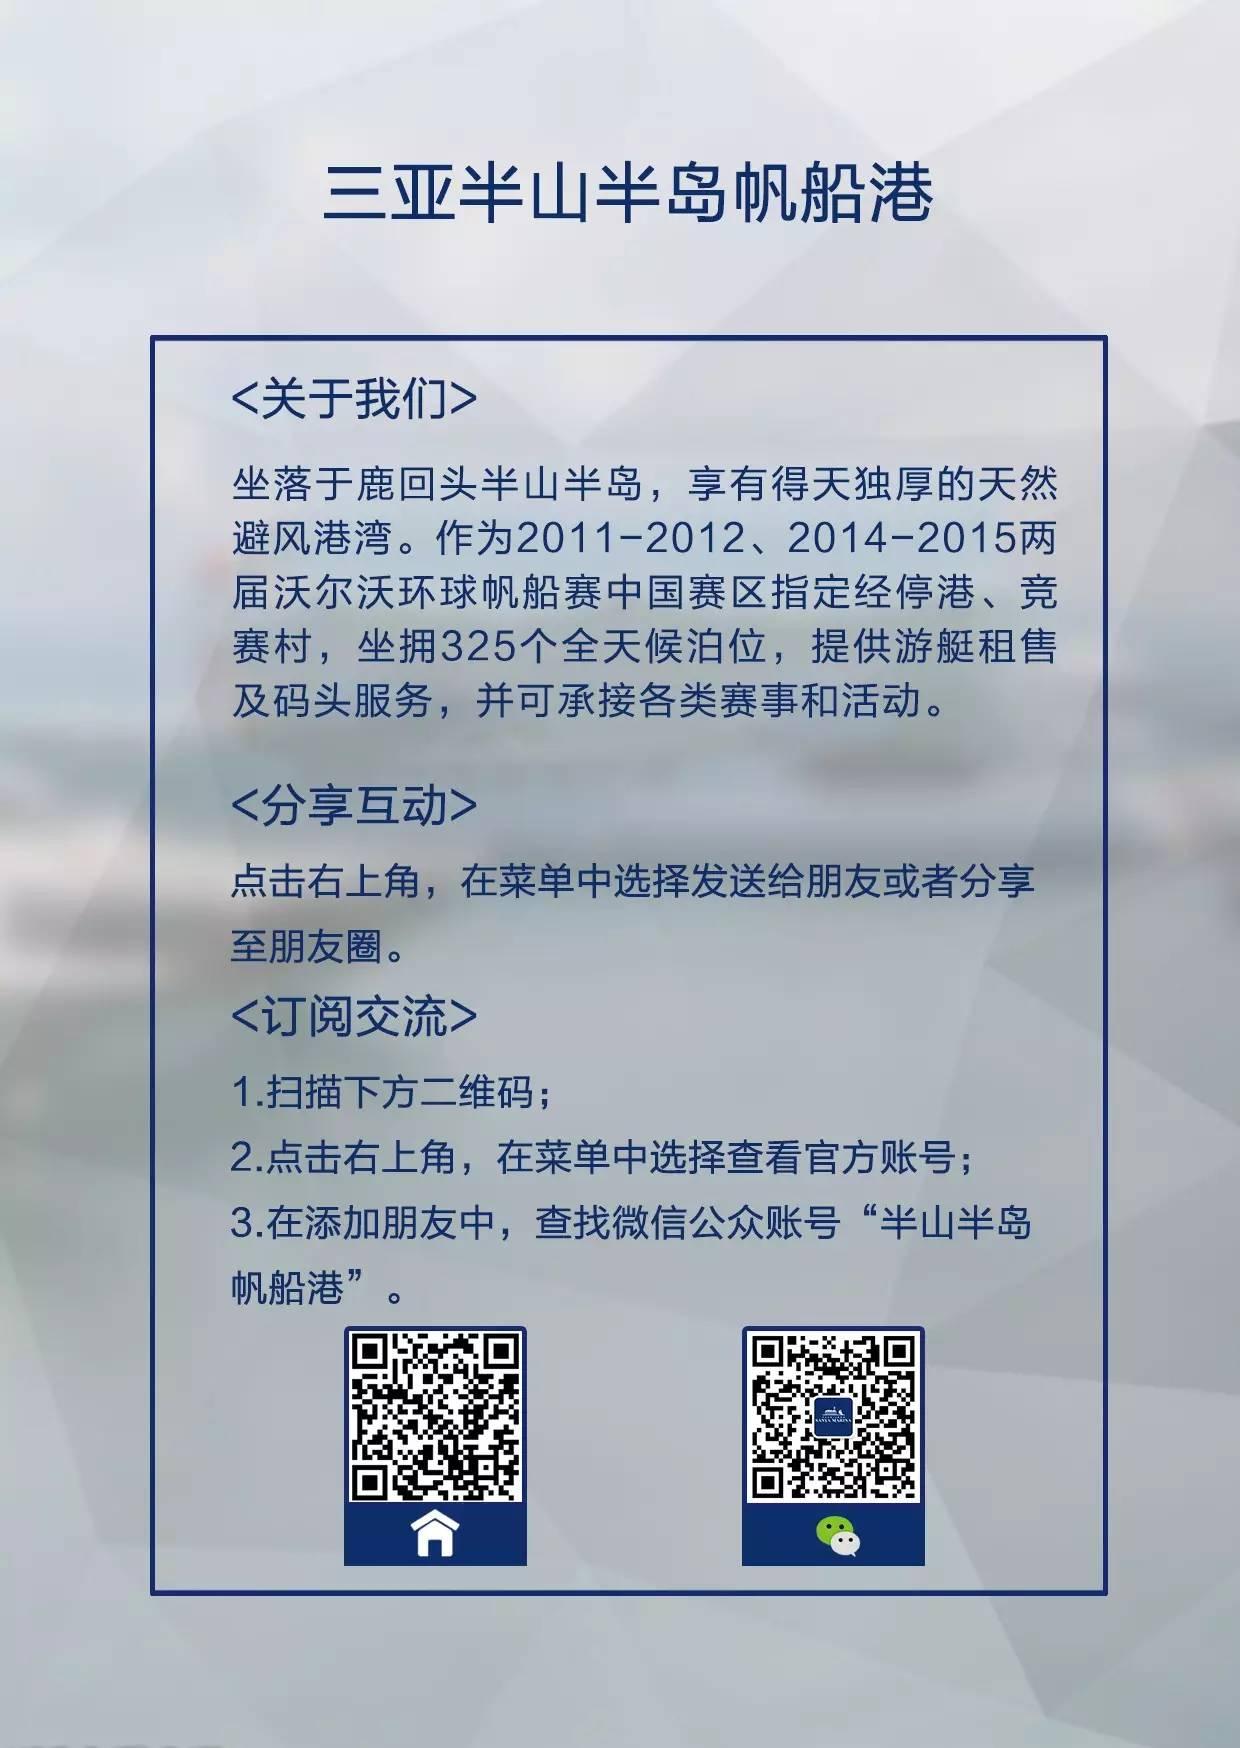 【探索中国,狂欢派对】EO创业家协会各分会成员共聚三亚半山半岛帆船港 d24de1c15d9e278b84f3f7f0e0463458.jpg